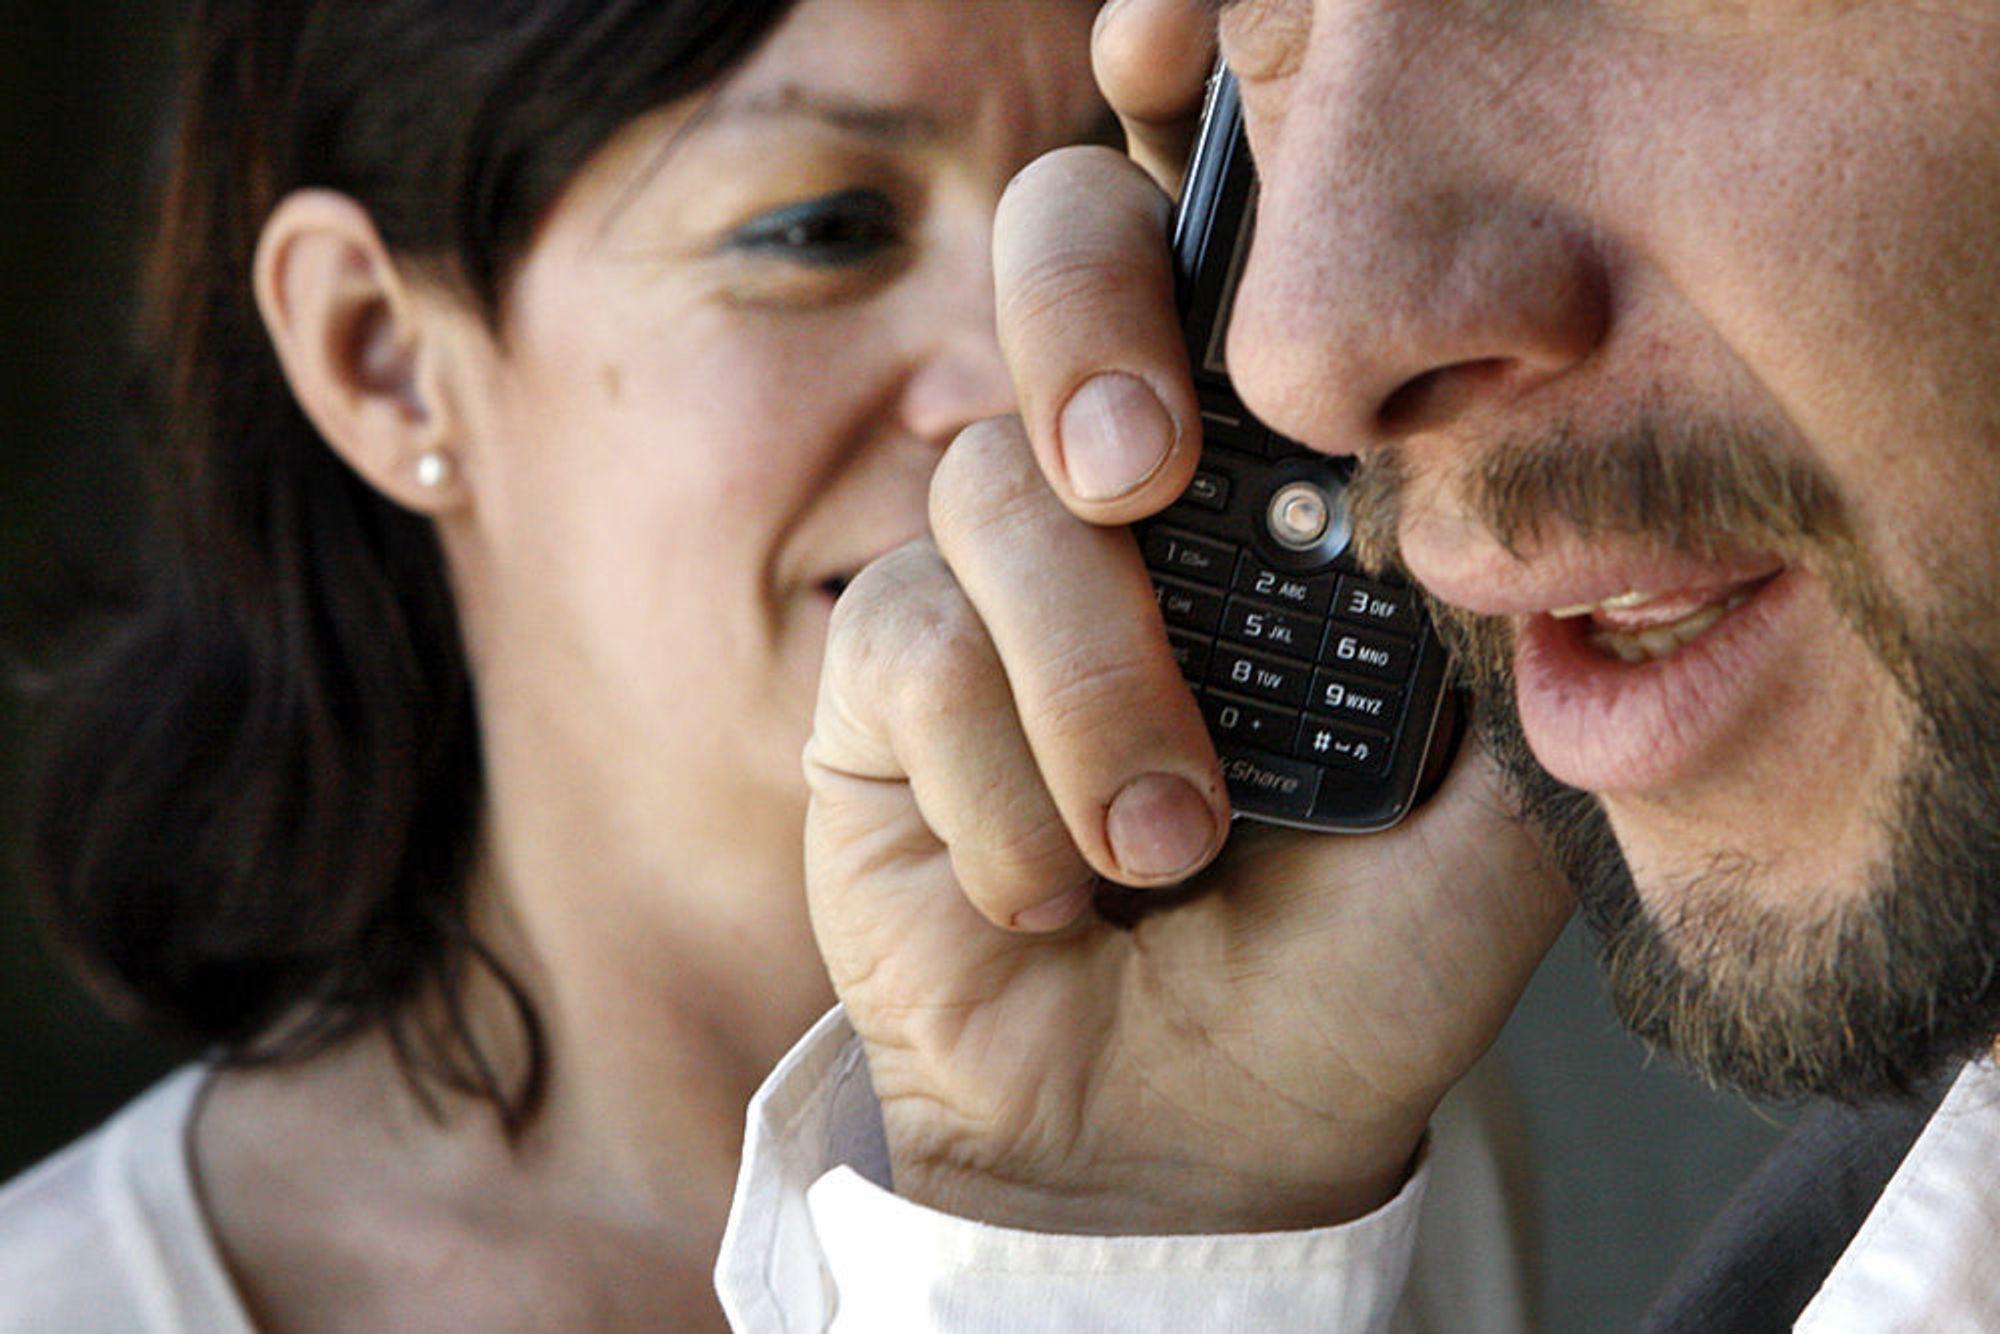 Menn ringer mer enn kvinner